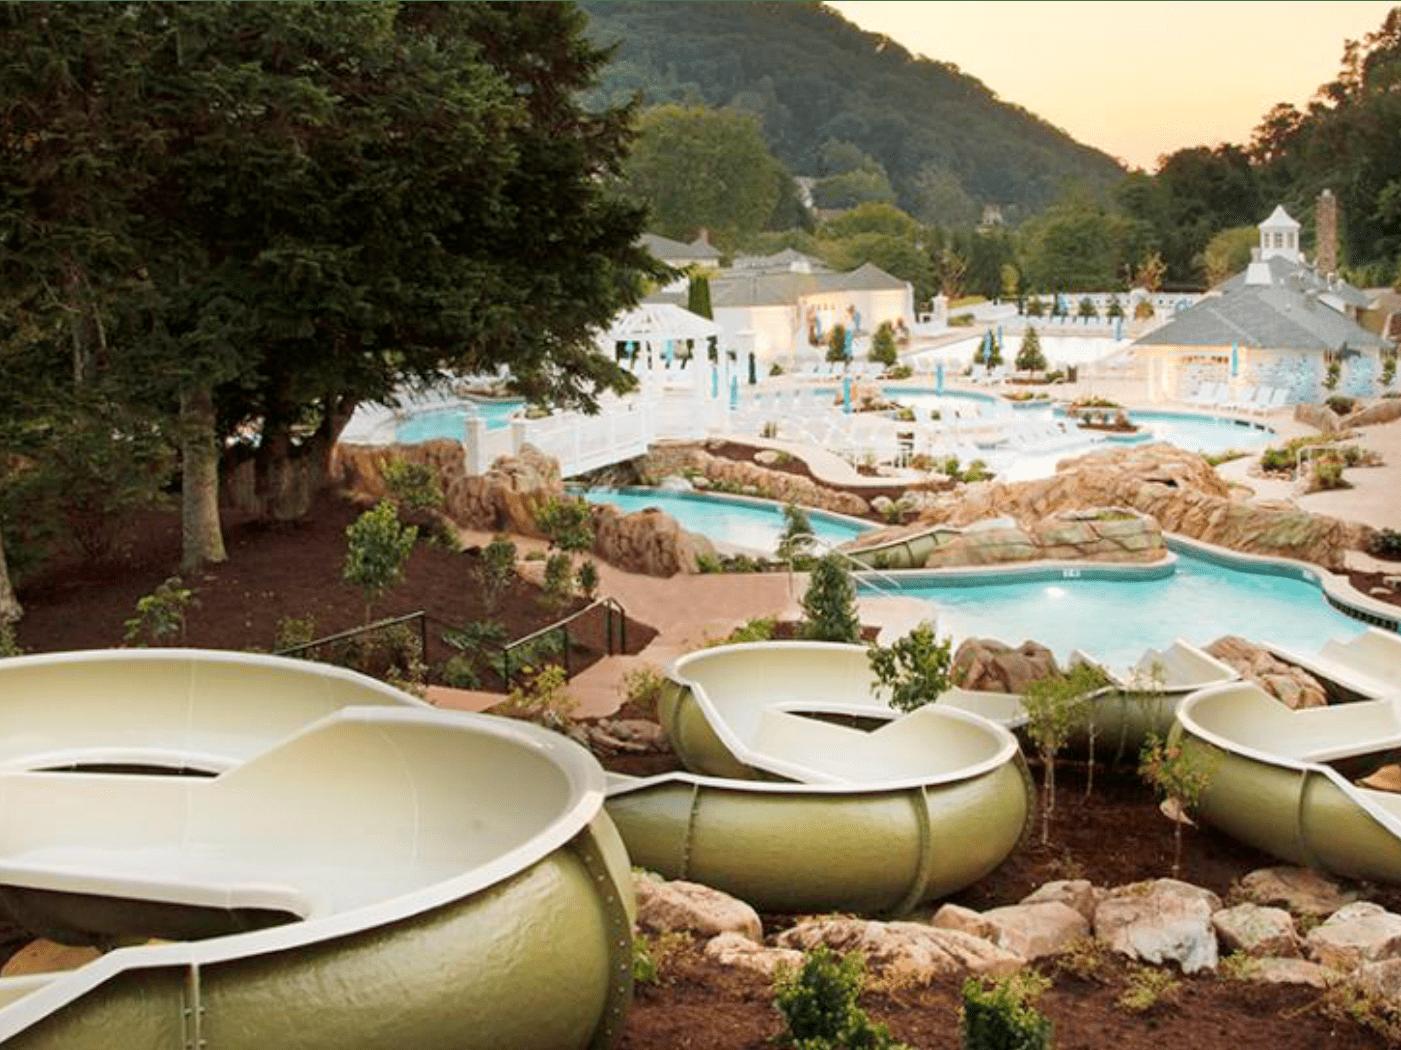 Omni Homestead Resort pool